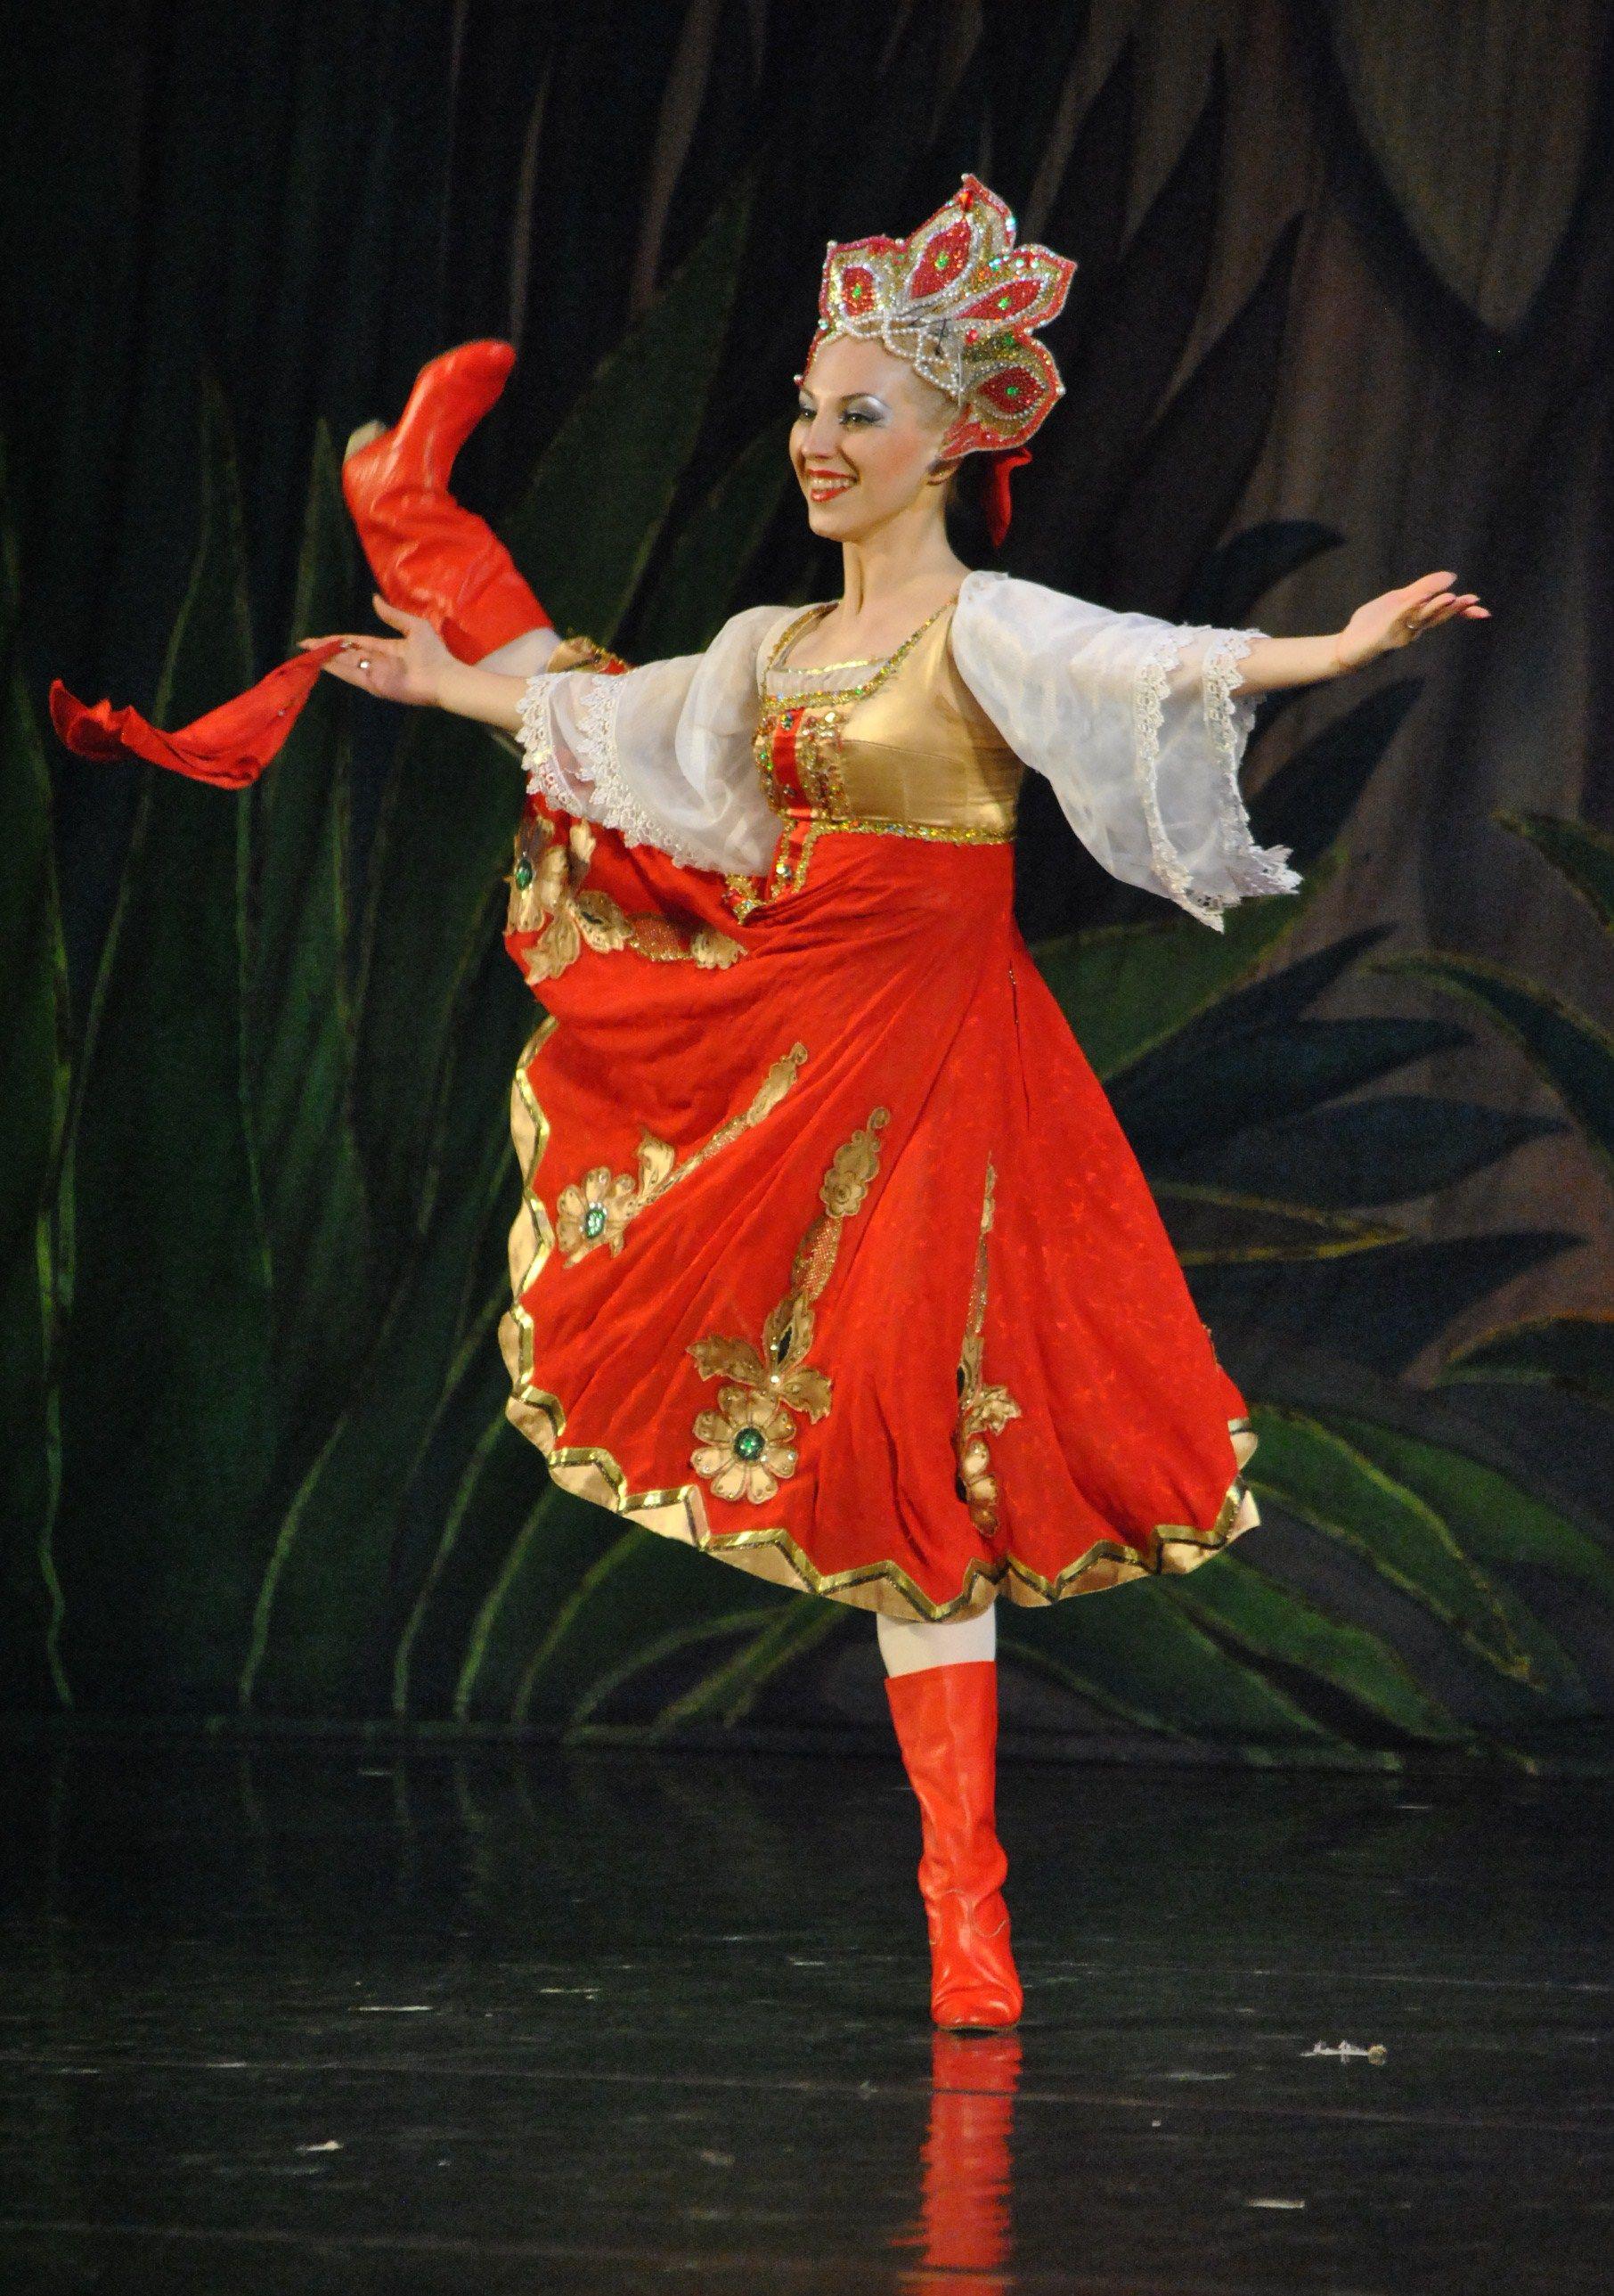 русский костюм для танца картинки подкожные